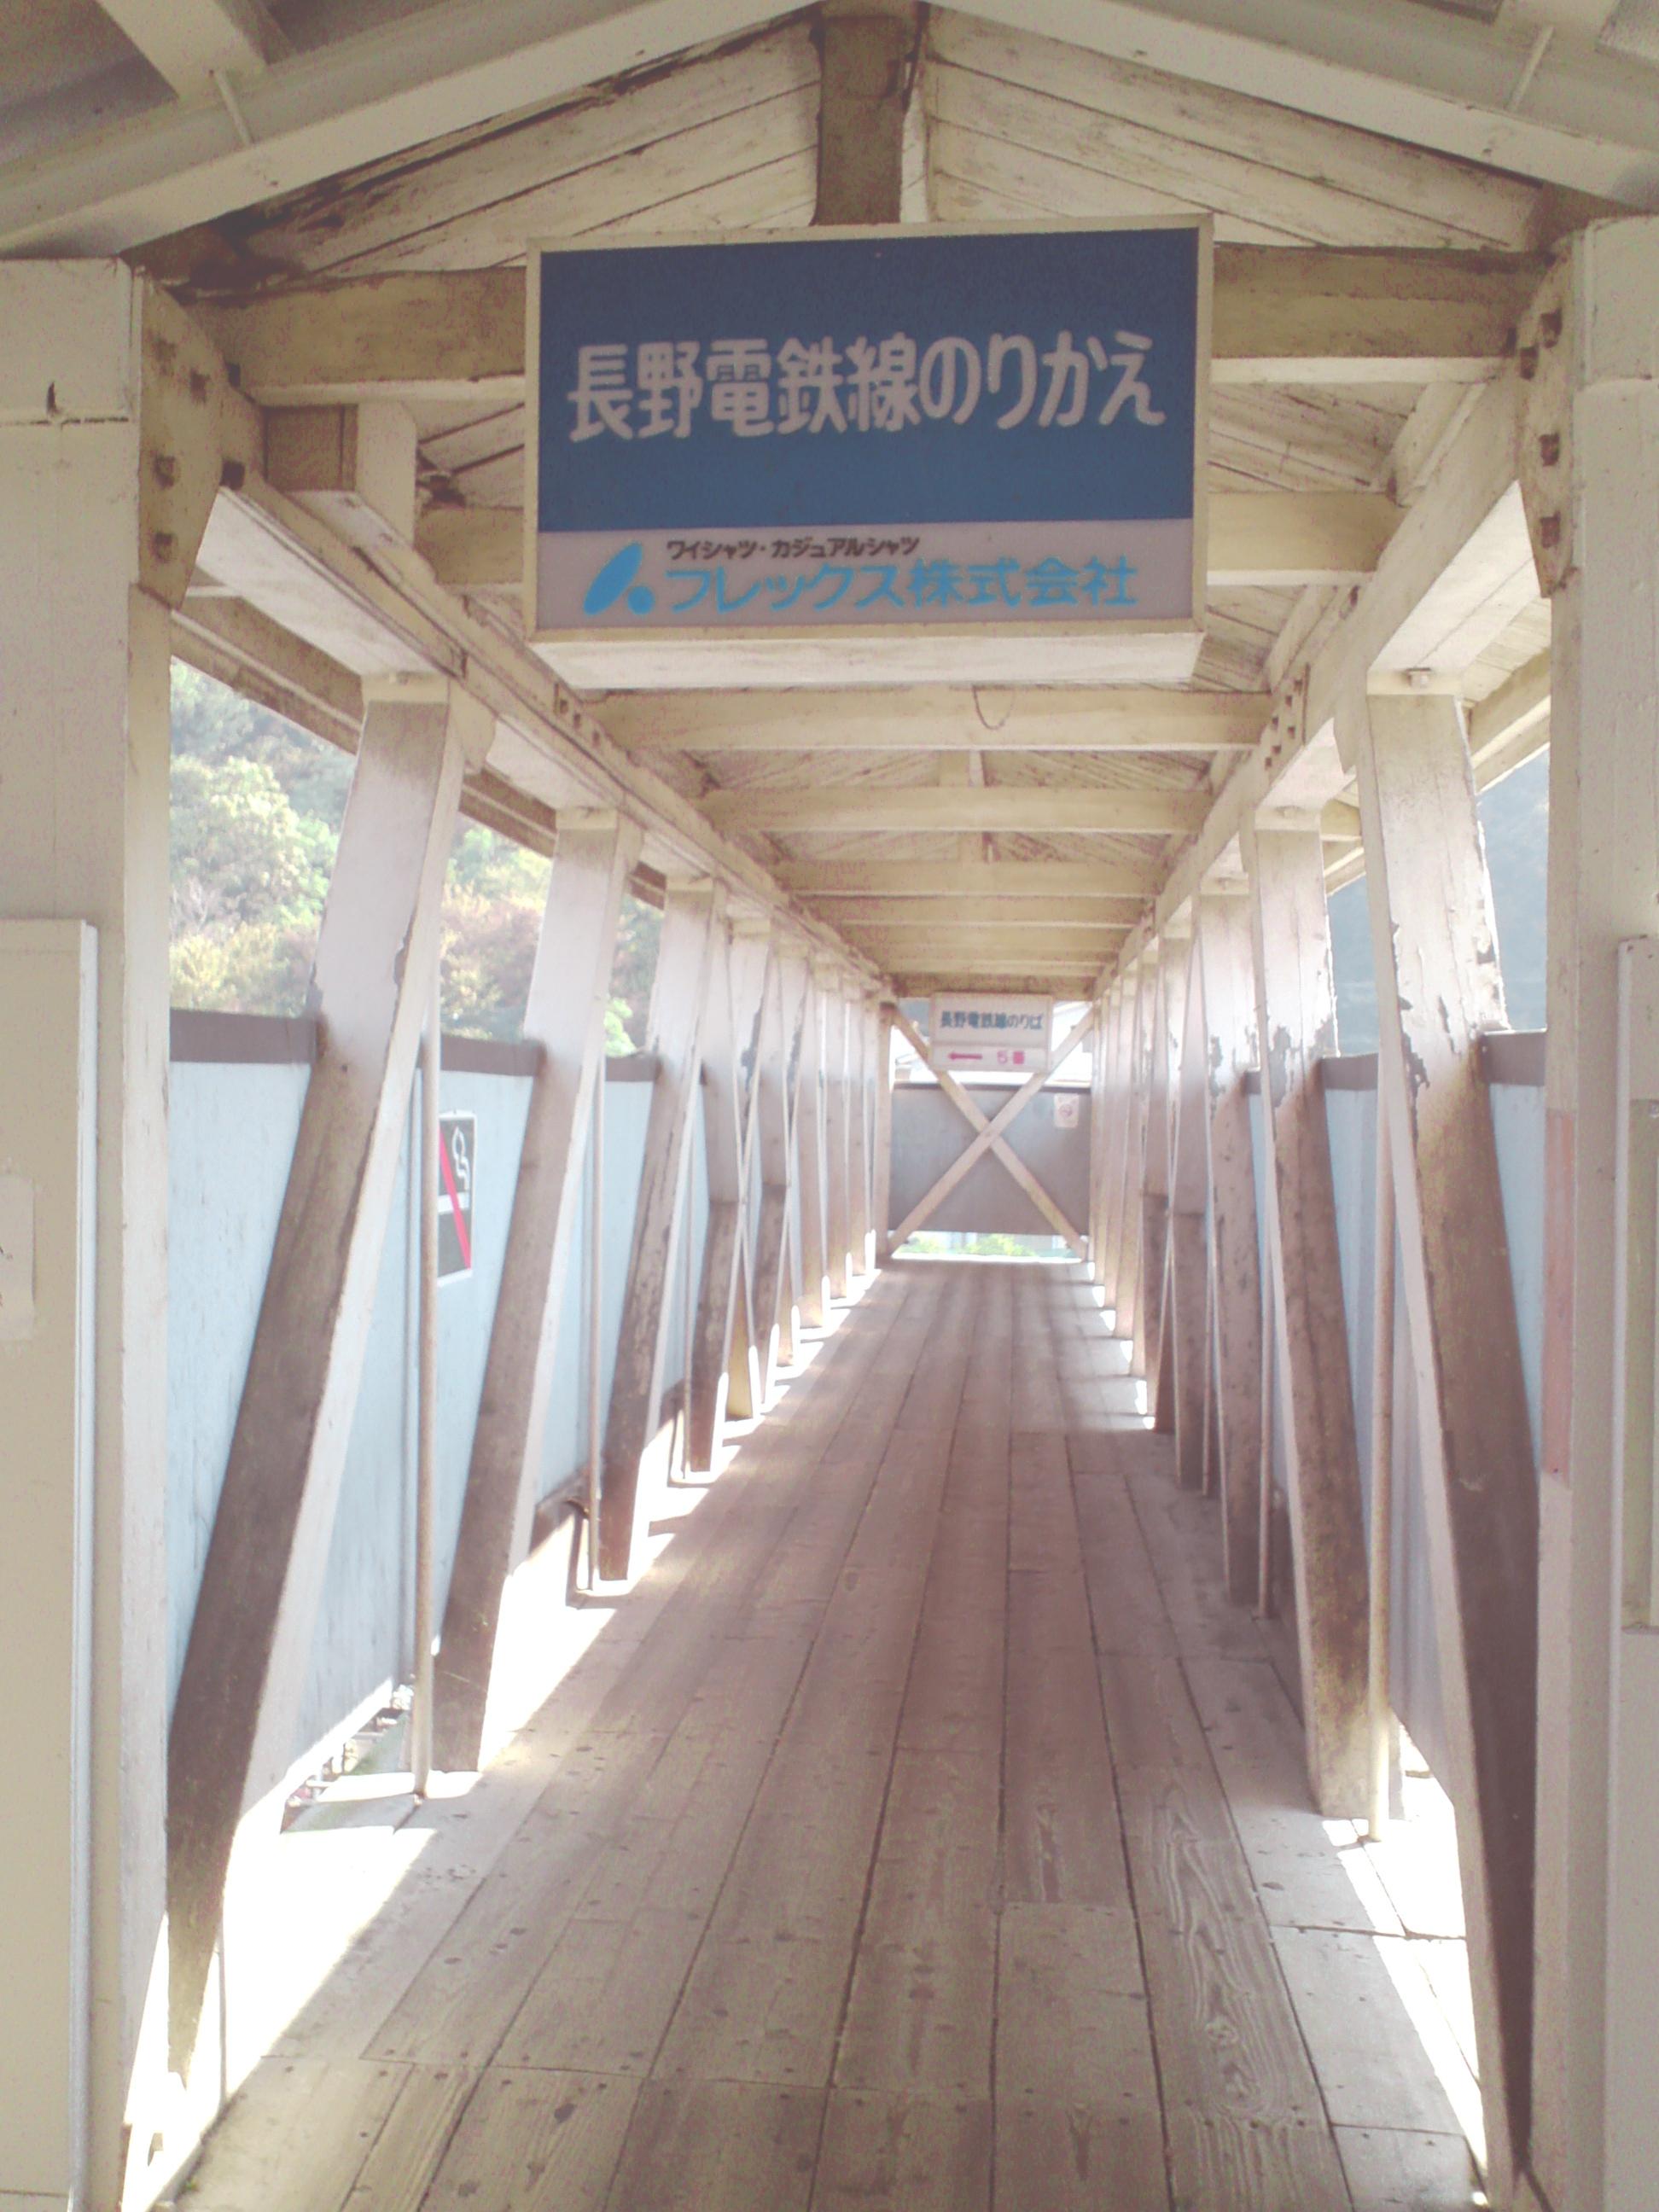 https://upload.wikimedia.org/wikipedia/commons/a/ad/Yashiro_Station_Contact_aisle.jpg